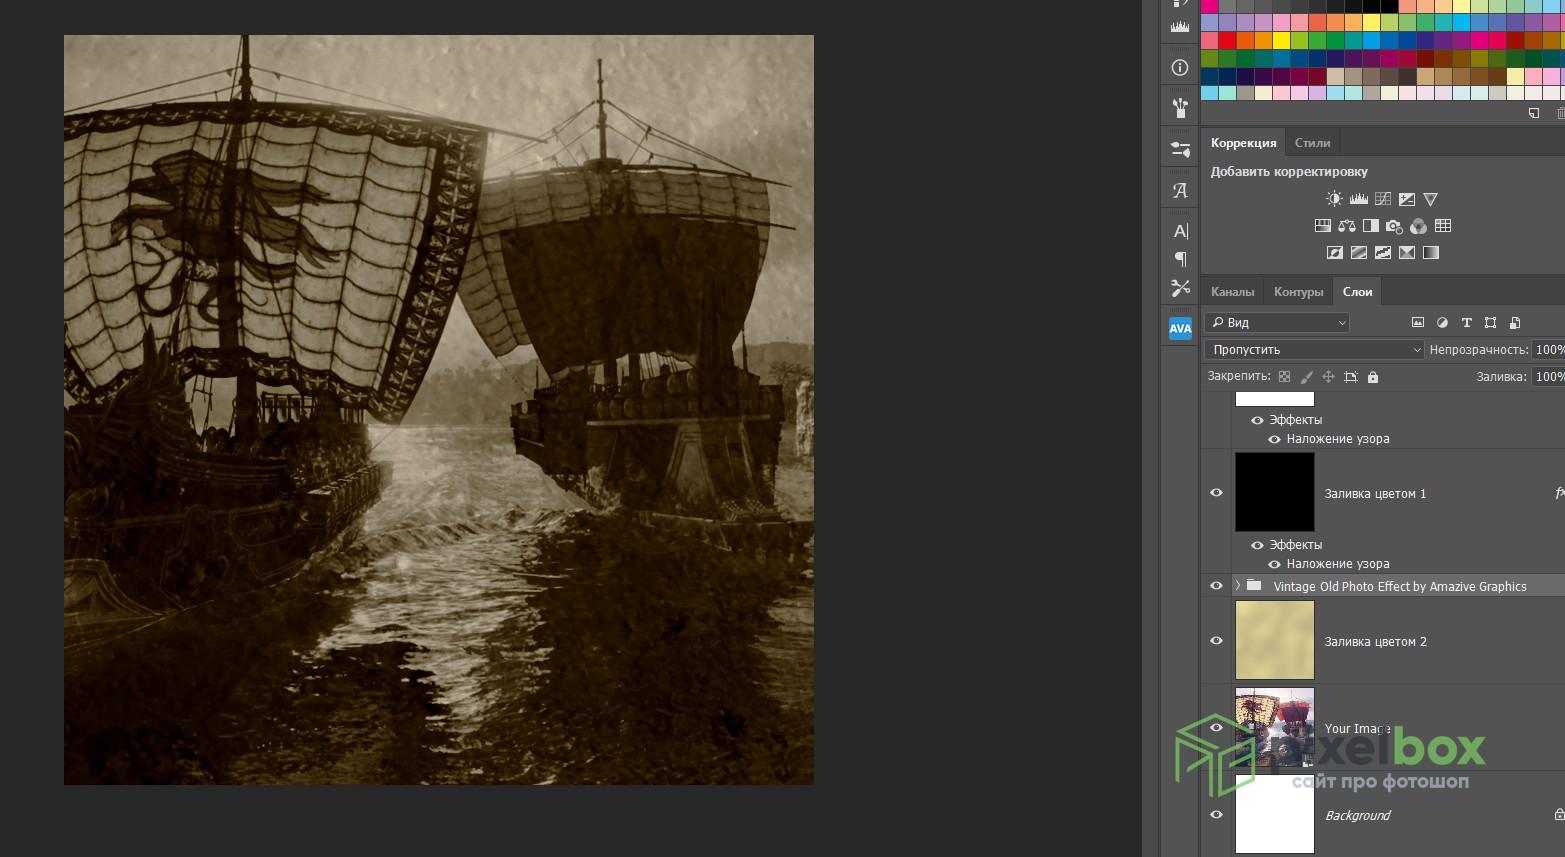 Фотошаблоны эффектных стилей для Photoshop